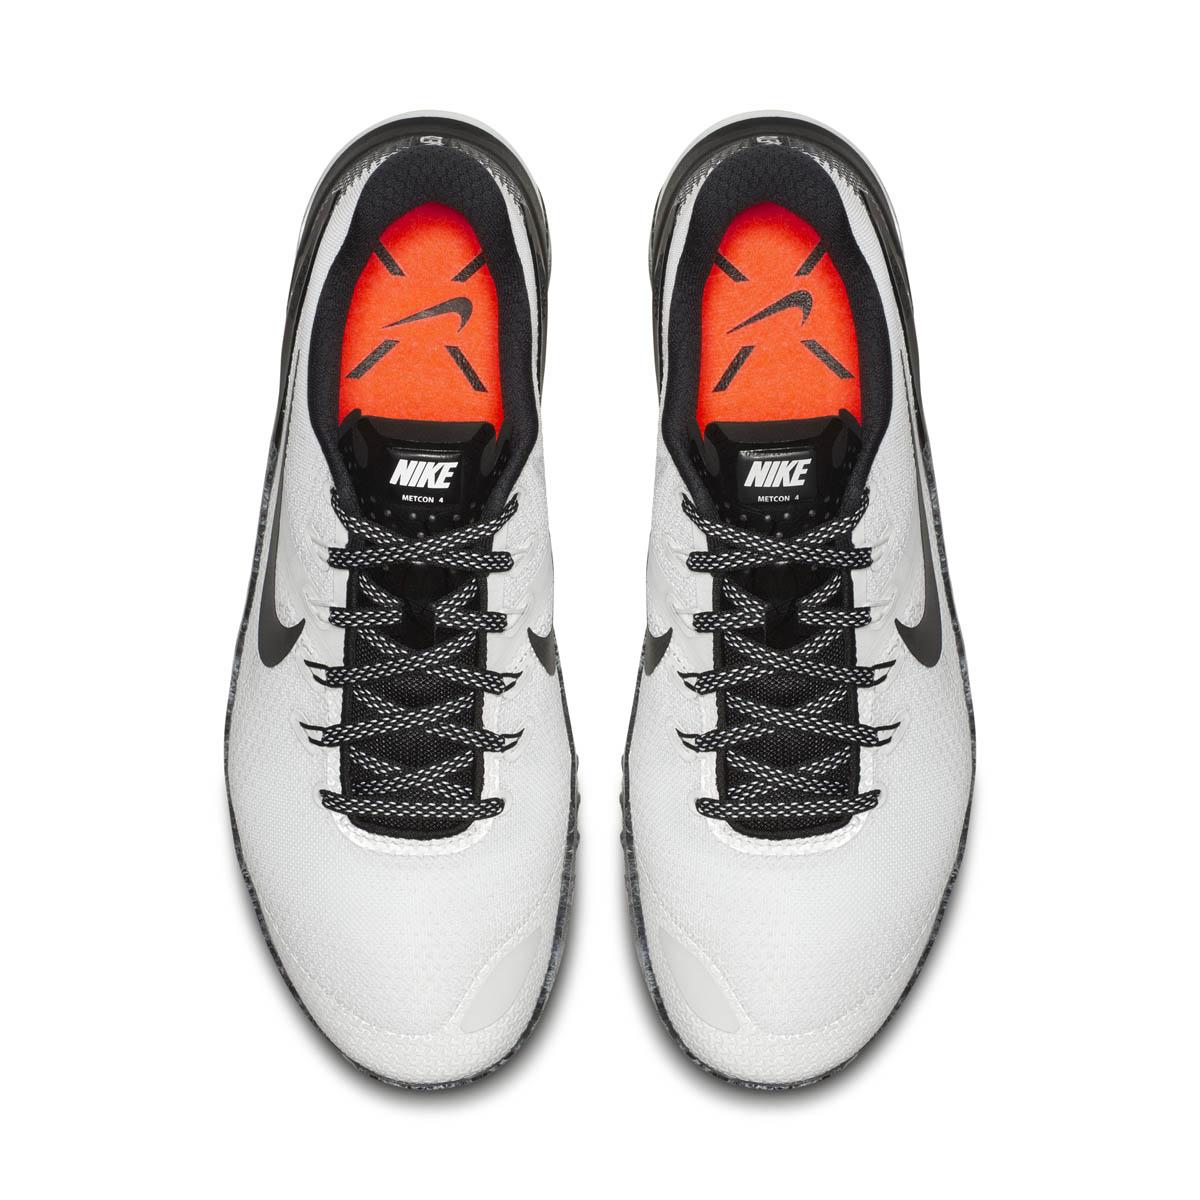 Nike Metcon, une chaussure parmi les plus solides du monde